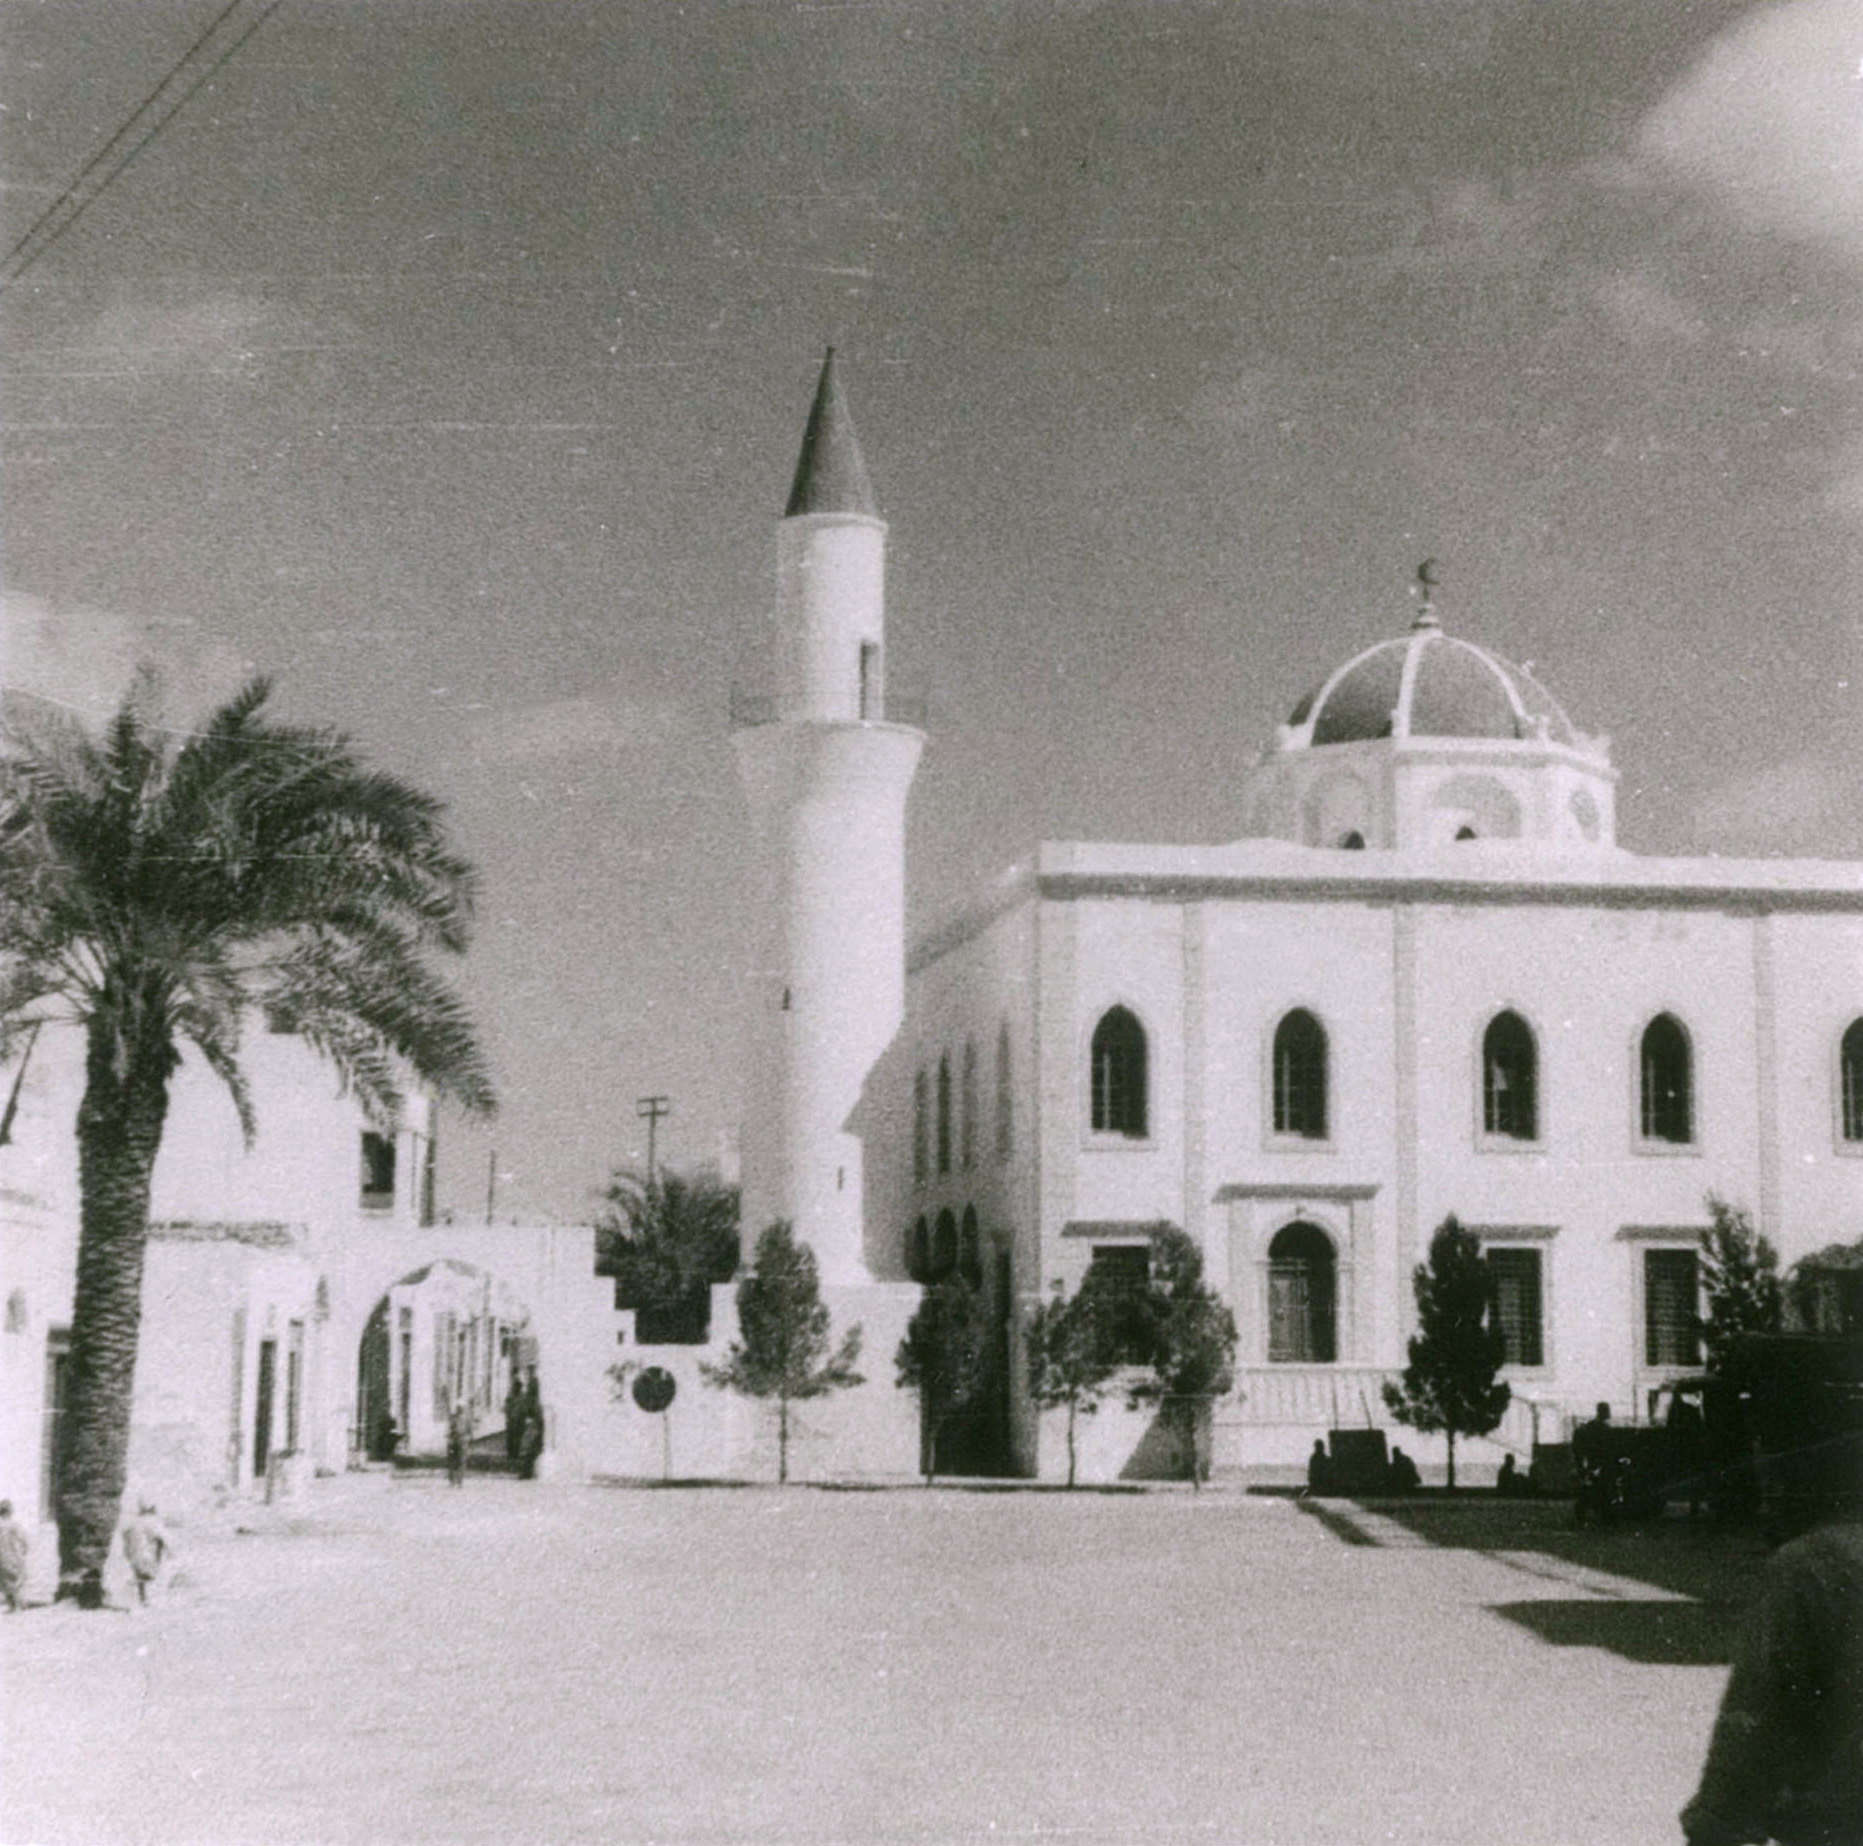 Benghazi Libya 1944 - 3